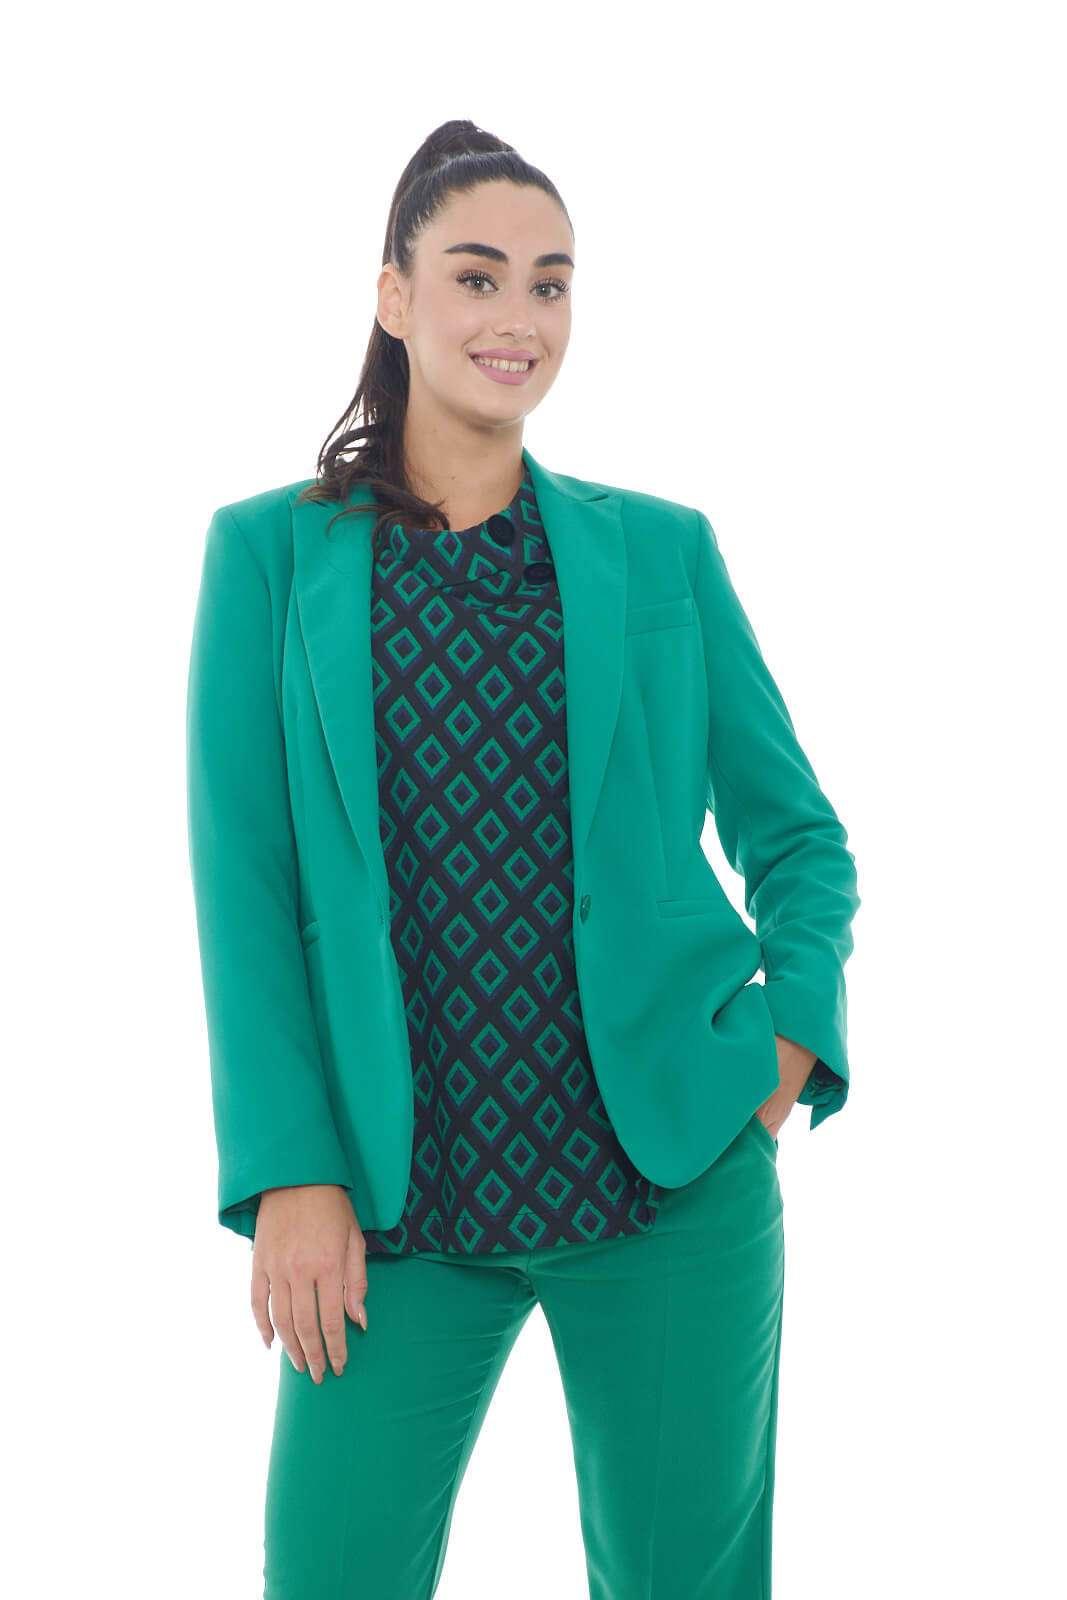 Una giacca elegante e trendy, perfetta per le occasioni più fashion, proposta da Mem JS per la stagione autunno inverno. Ideale da sfruttare per party, e serate fuori, ma anche per l'ufficio, e le evenienze più formali, per look sempre impeccabili.  La modella è alta 1.78m e indossa la taglia 42.